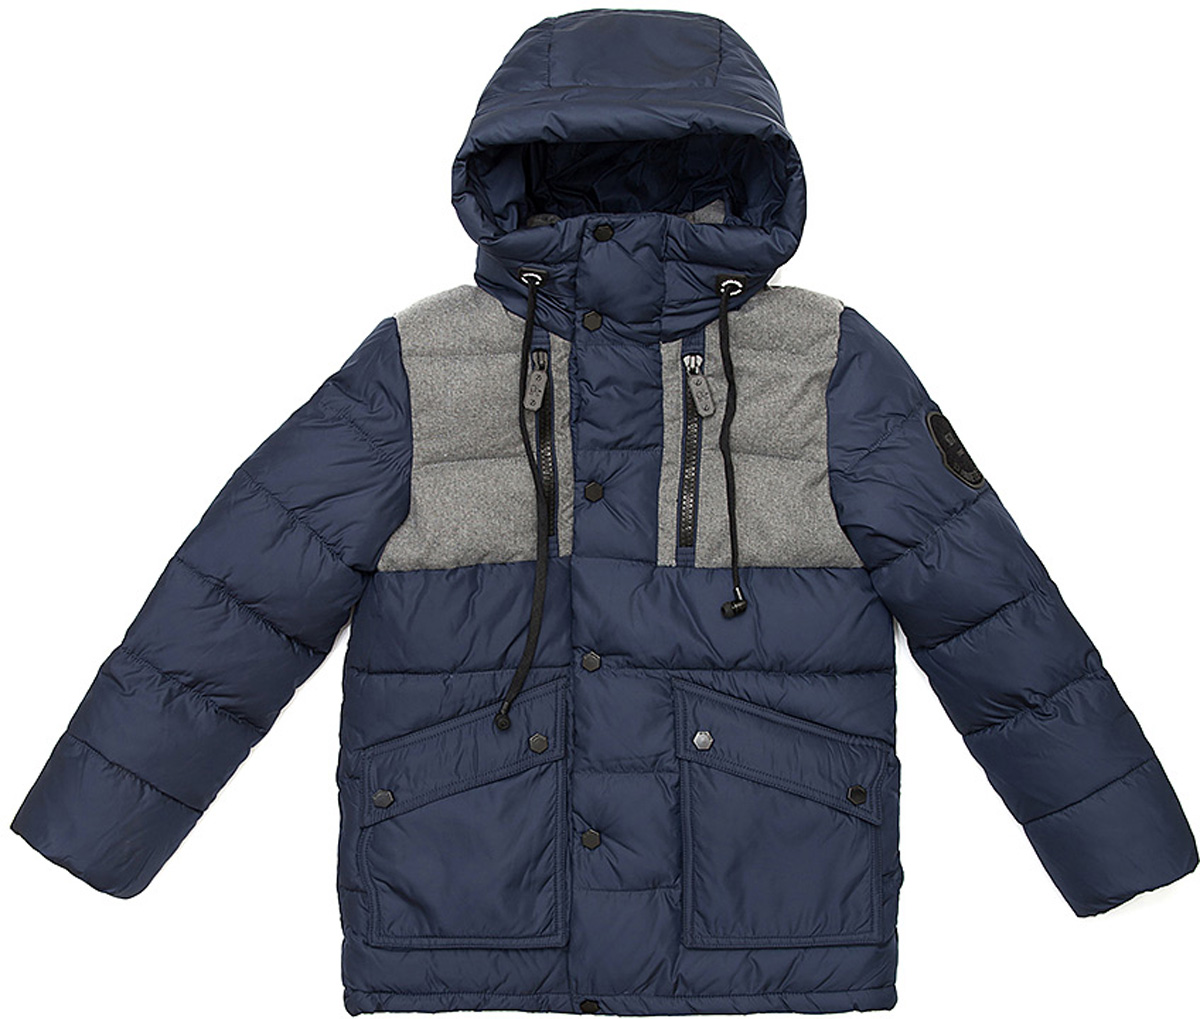 Куртка для мальчика Vitacci, цвет: синий. 1171481-04. Размер 1401171481-04Удлиненная куртка для мальчика Vitacci, изготовленная из полиэстера, станет стильнымдополнением к детскому гардеробу.Подкладка выполнена из полиэстера и дополнительно утеплена флисом по спинке. В качестве наполнителя используется биопух.Куртка со съемным капюшоном и воротником-стойкой застегивается на пластиковую застежку-молнию и дополнительно имеет внешнюю ветрозащитную планку на кнопках. Температурный режим от -10°С до -25°С.Теплая, удобная и практичная куртка идеально подойдет юному моднику для прогулок!